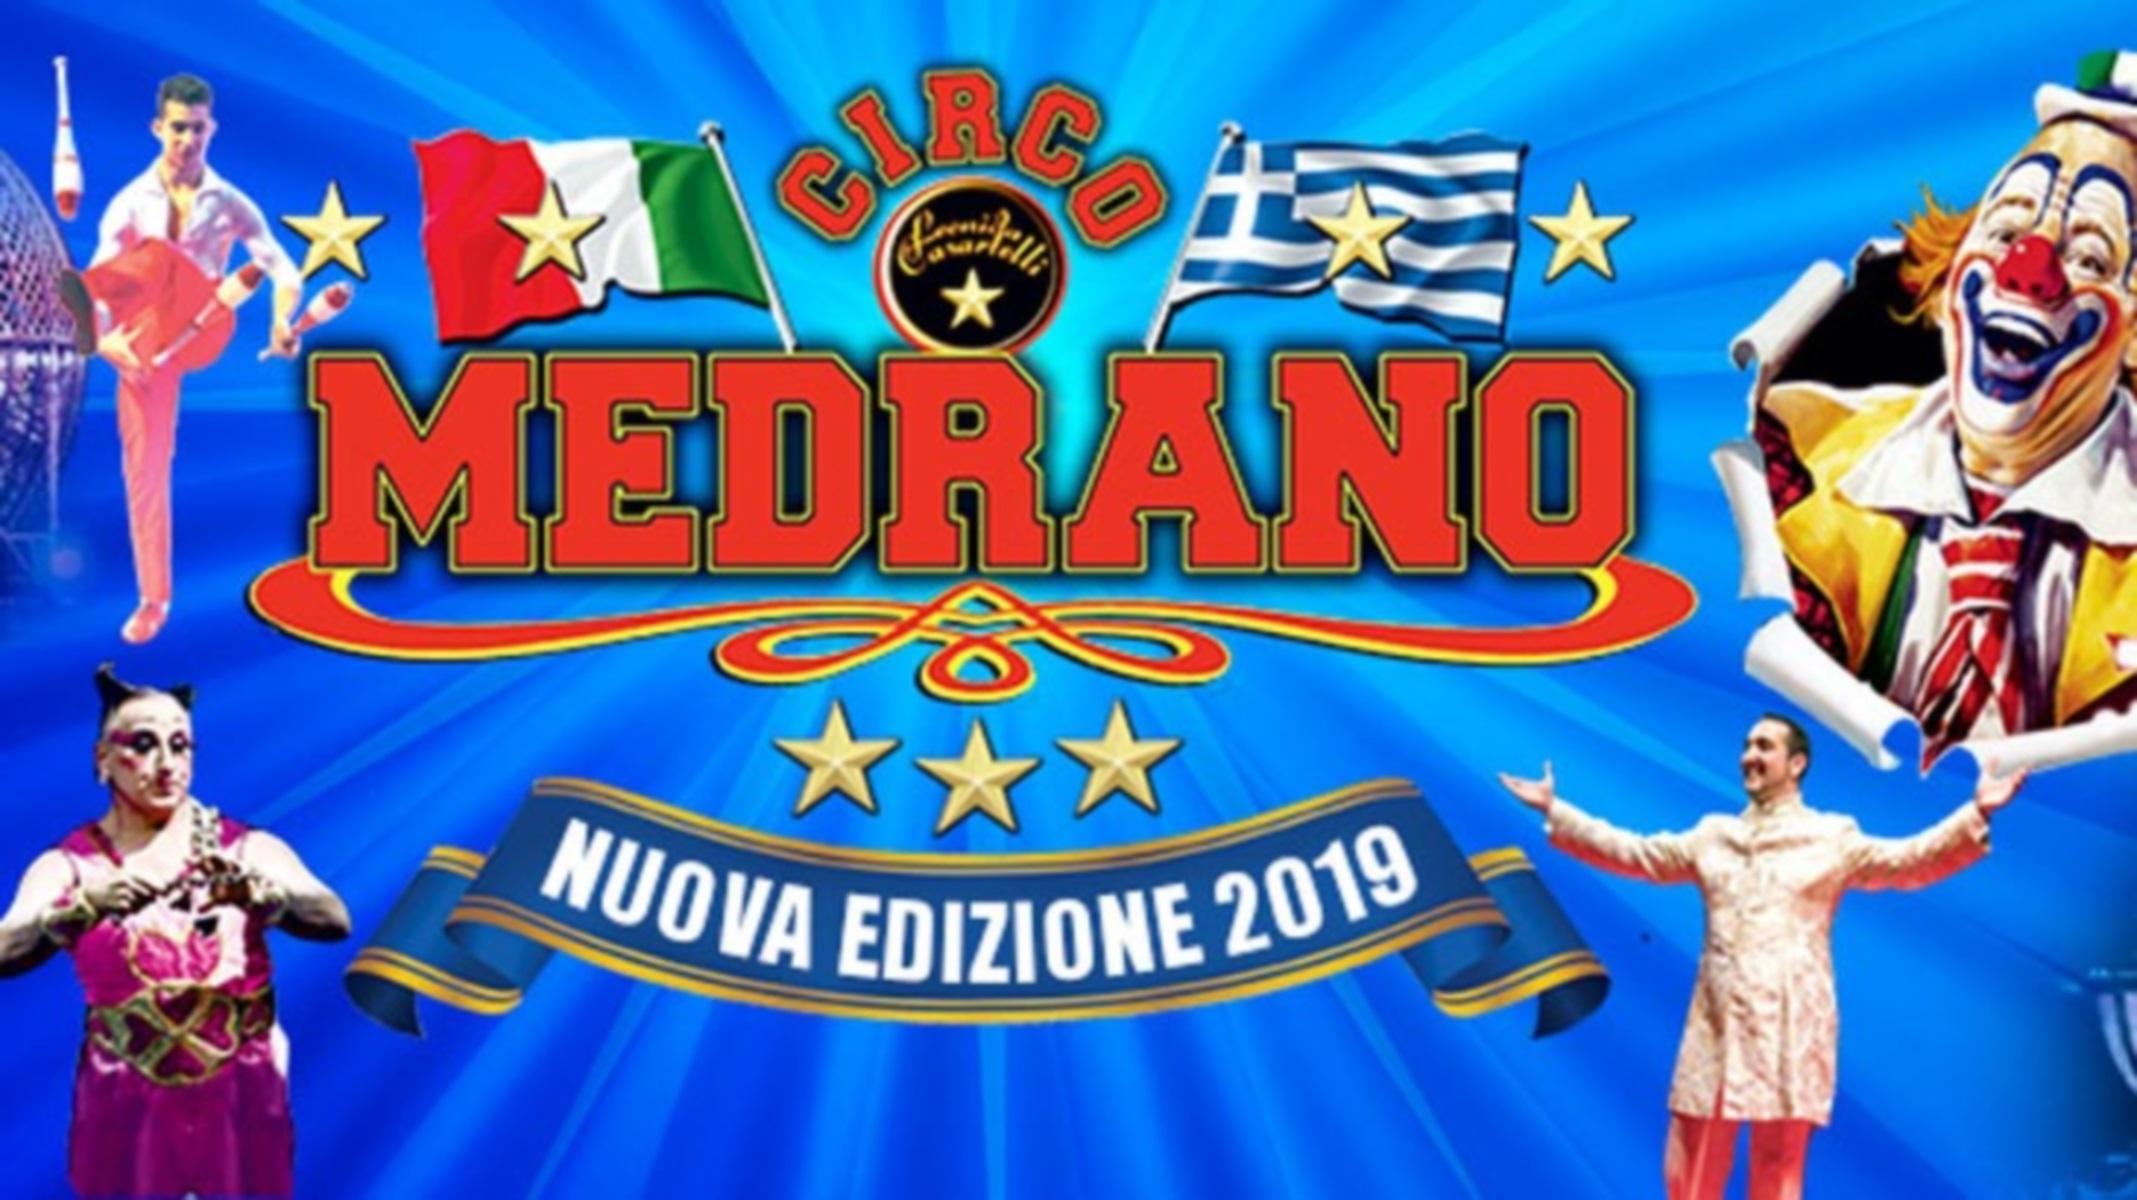 ΔΕΘ 2019: Το ΤσίρκοMedrano επιστρέφει μετά από 40 χρόνια!